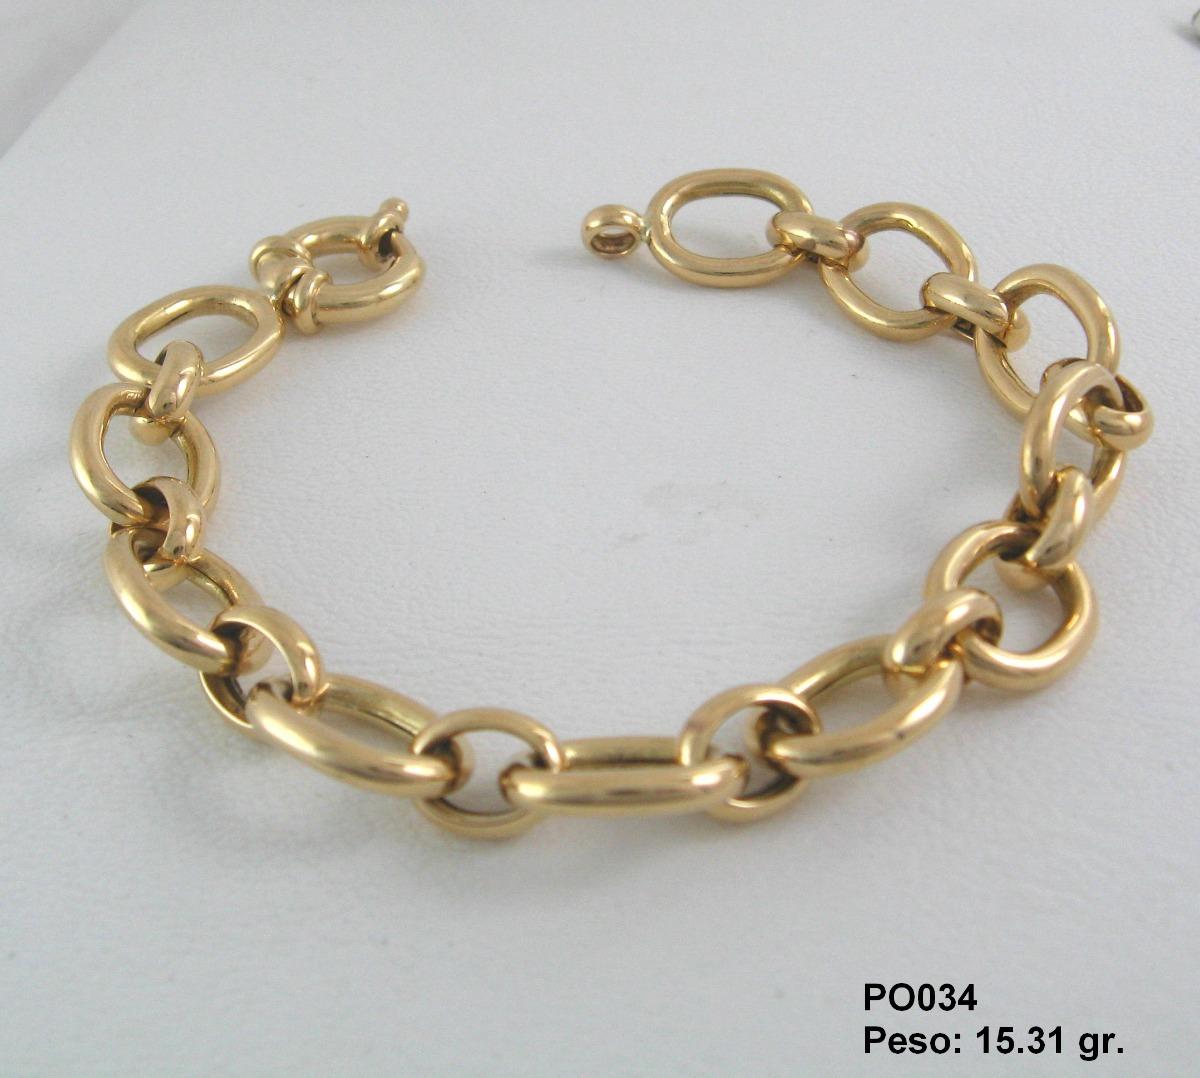 5f8ef7a09681 pulsera oro ley 18k - esclava hombre - modelos variados. Cargando zoom.